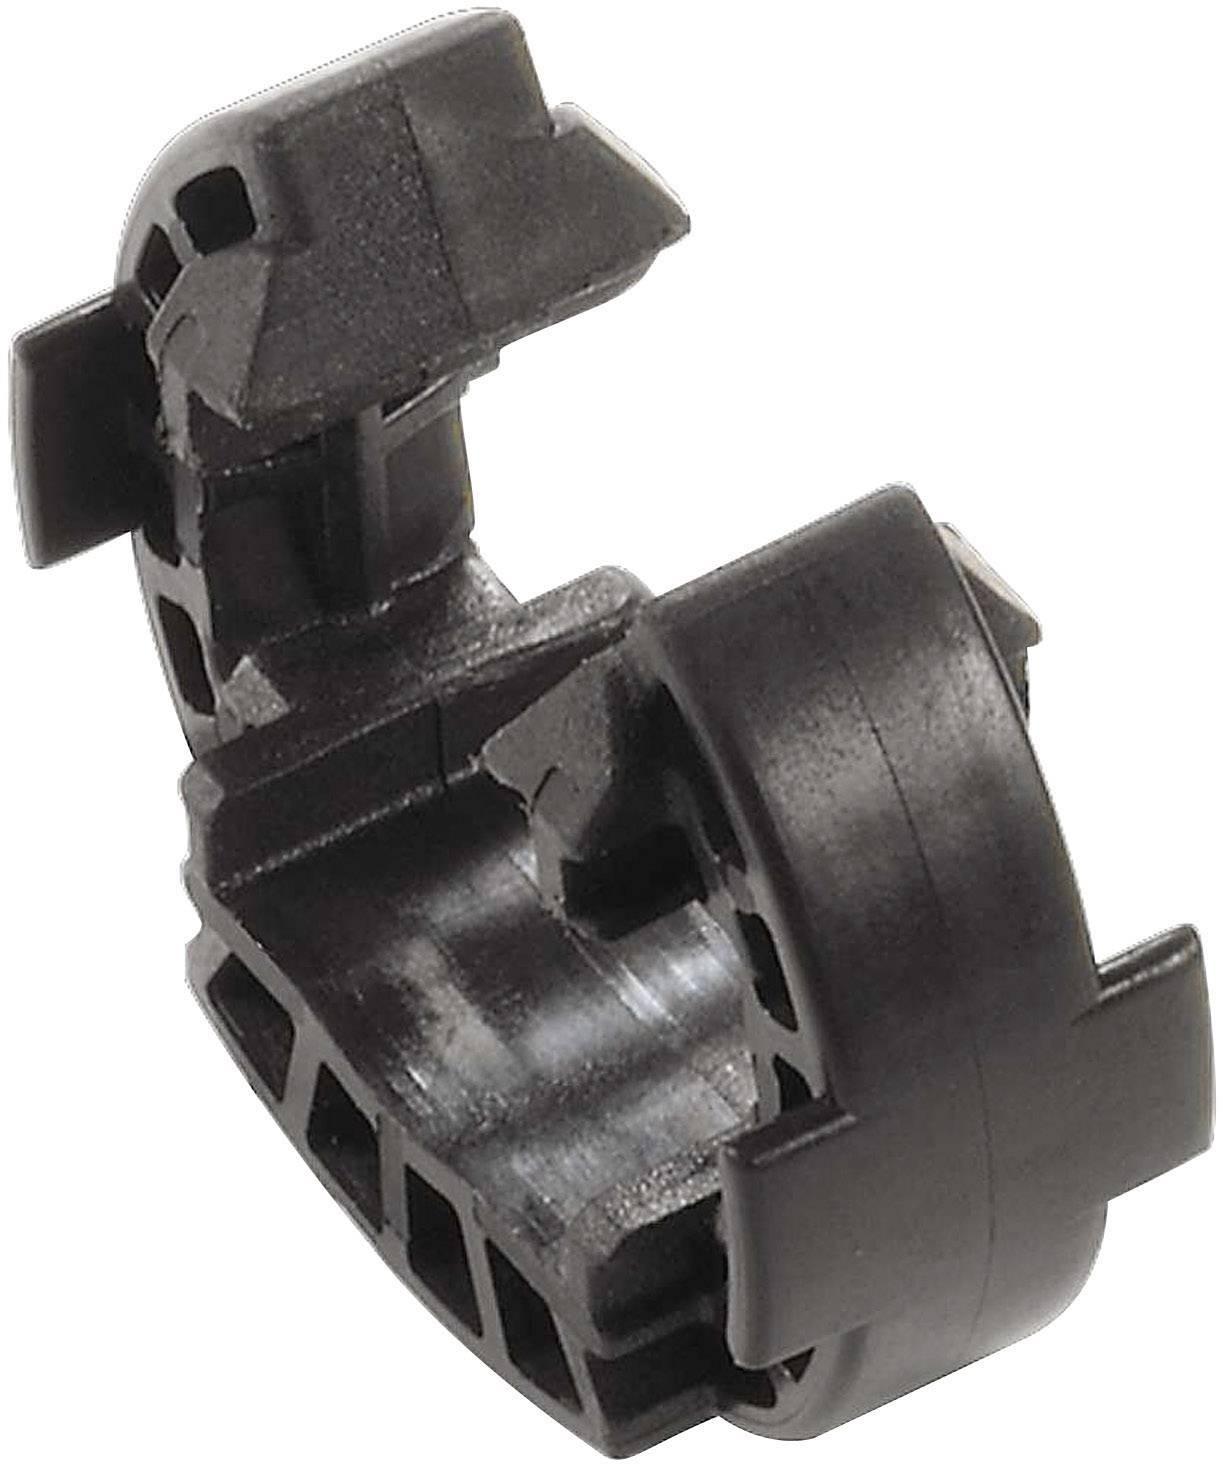 Jisticí klip Weidmüller SAFETY-CLIP WM4 VPE10 (1328150000), černá